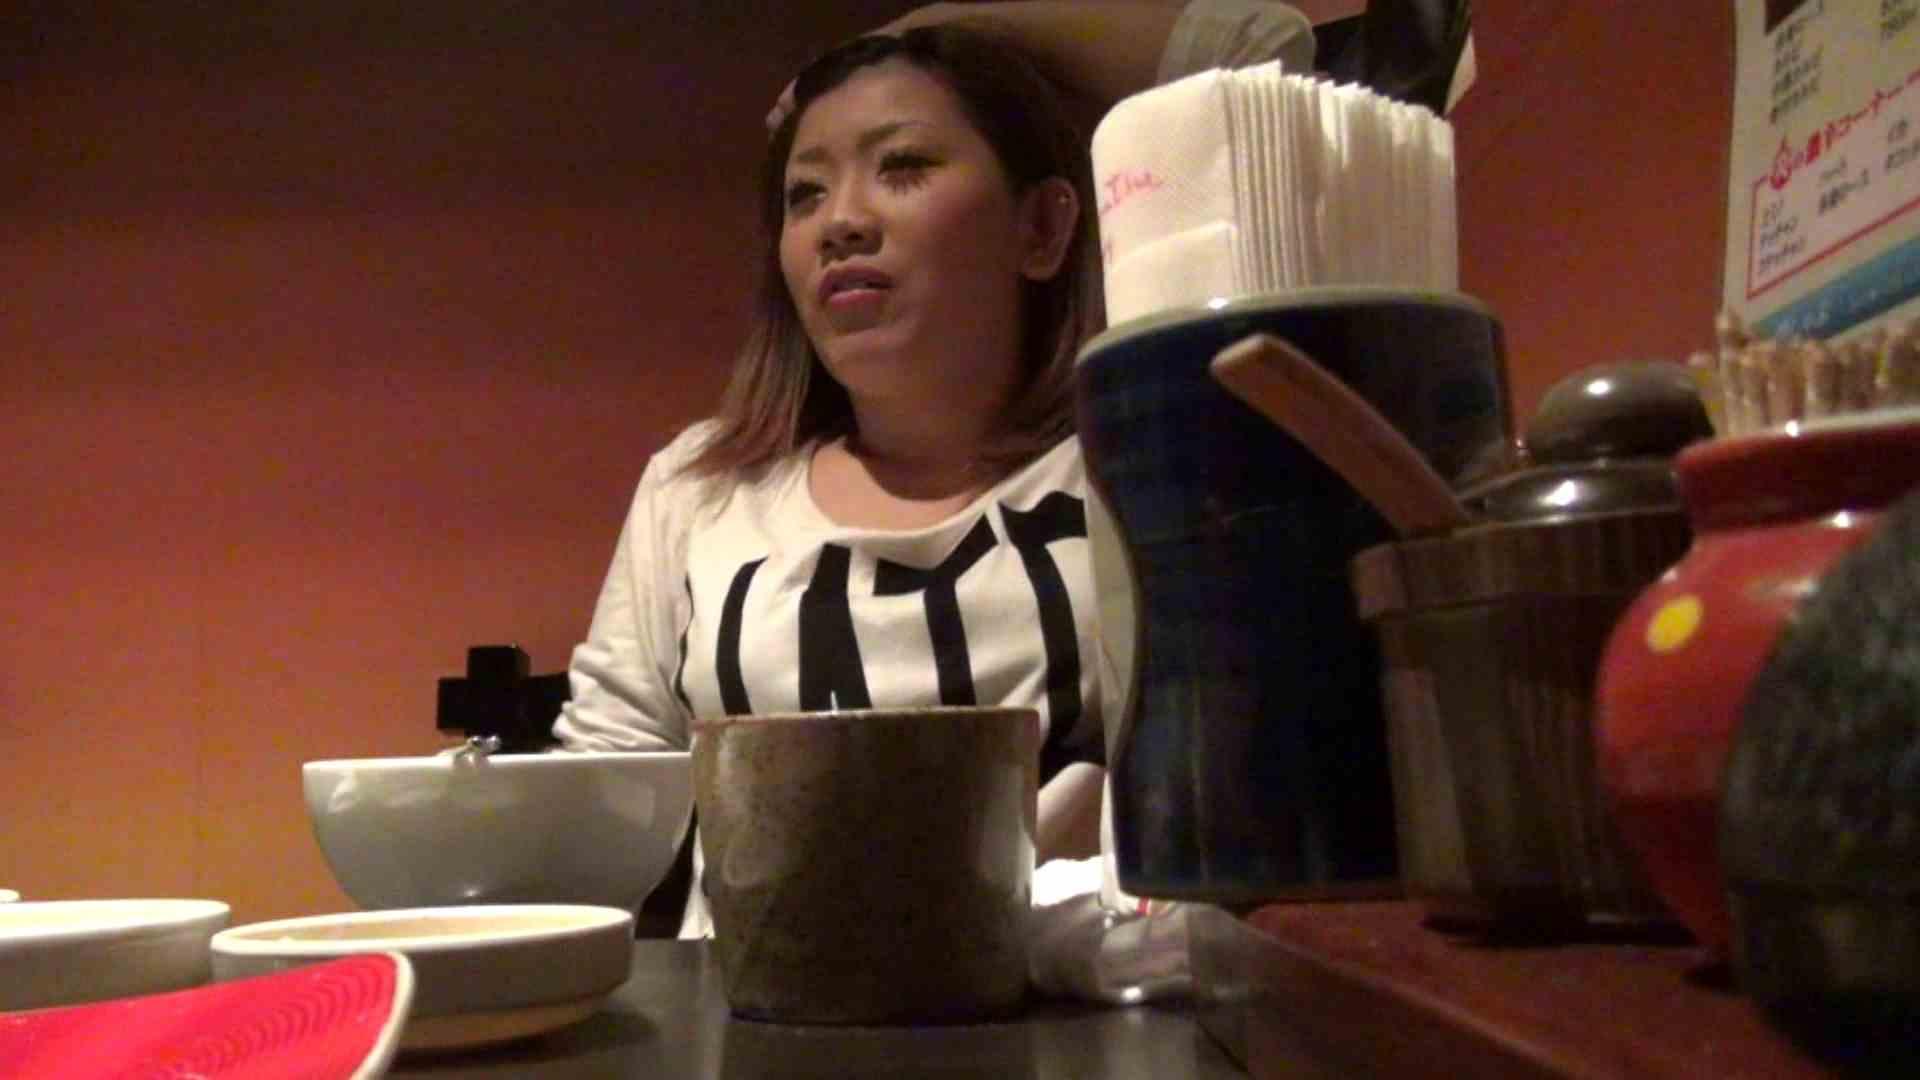 【出会い01】大助さんMちゃんと食事会 エッチすぎる友人   悪戯  54連発 41